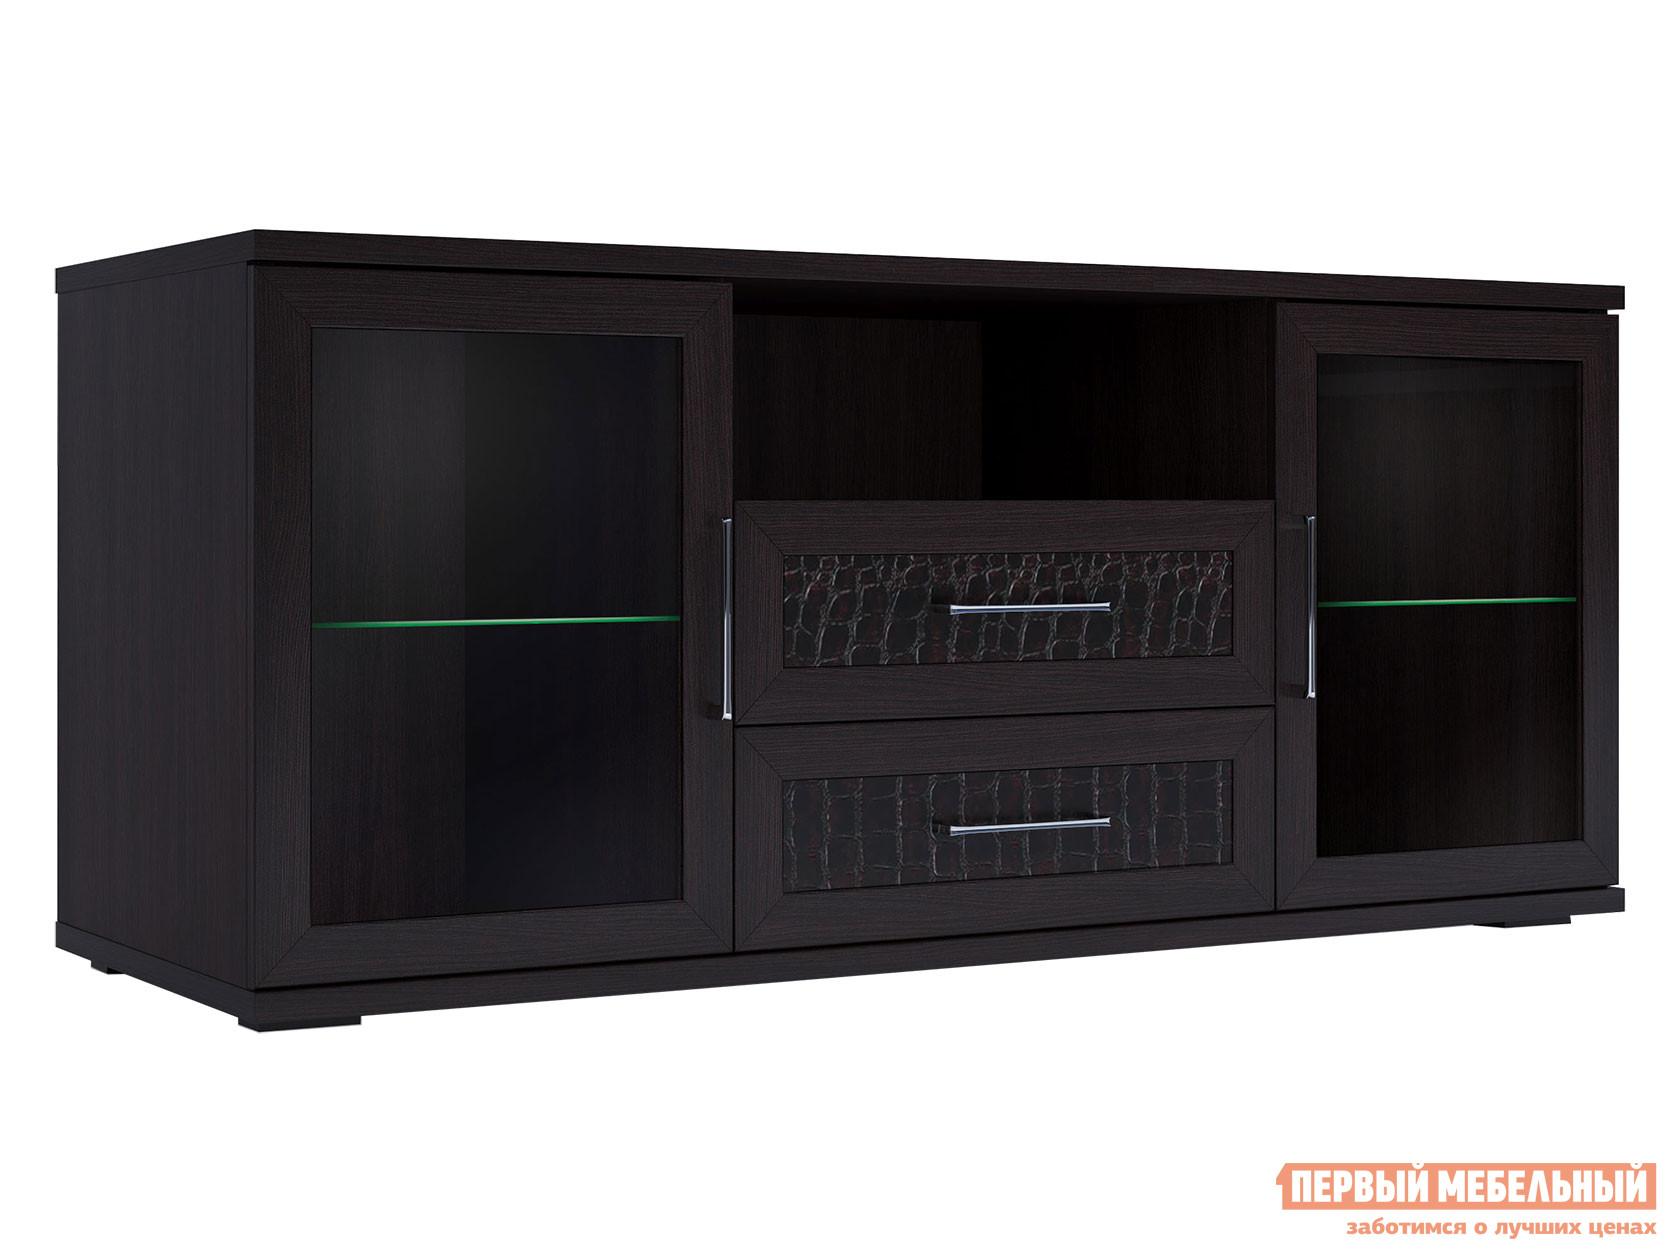 ТВ-тумба Первый Мебельный Тумба для аппаратуры высок. 1500 со стеклом Парма Люкс